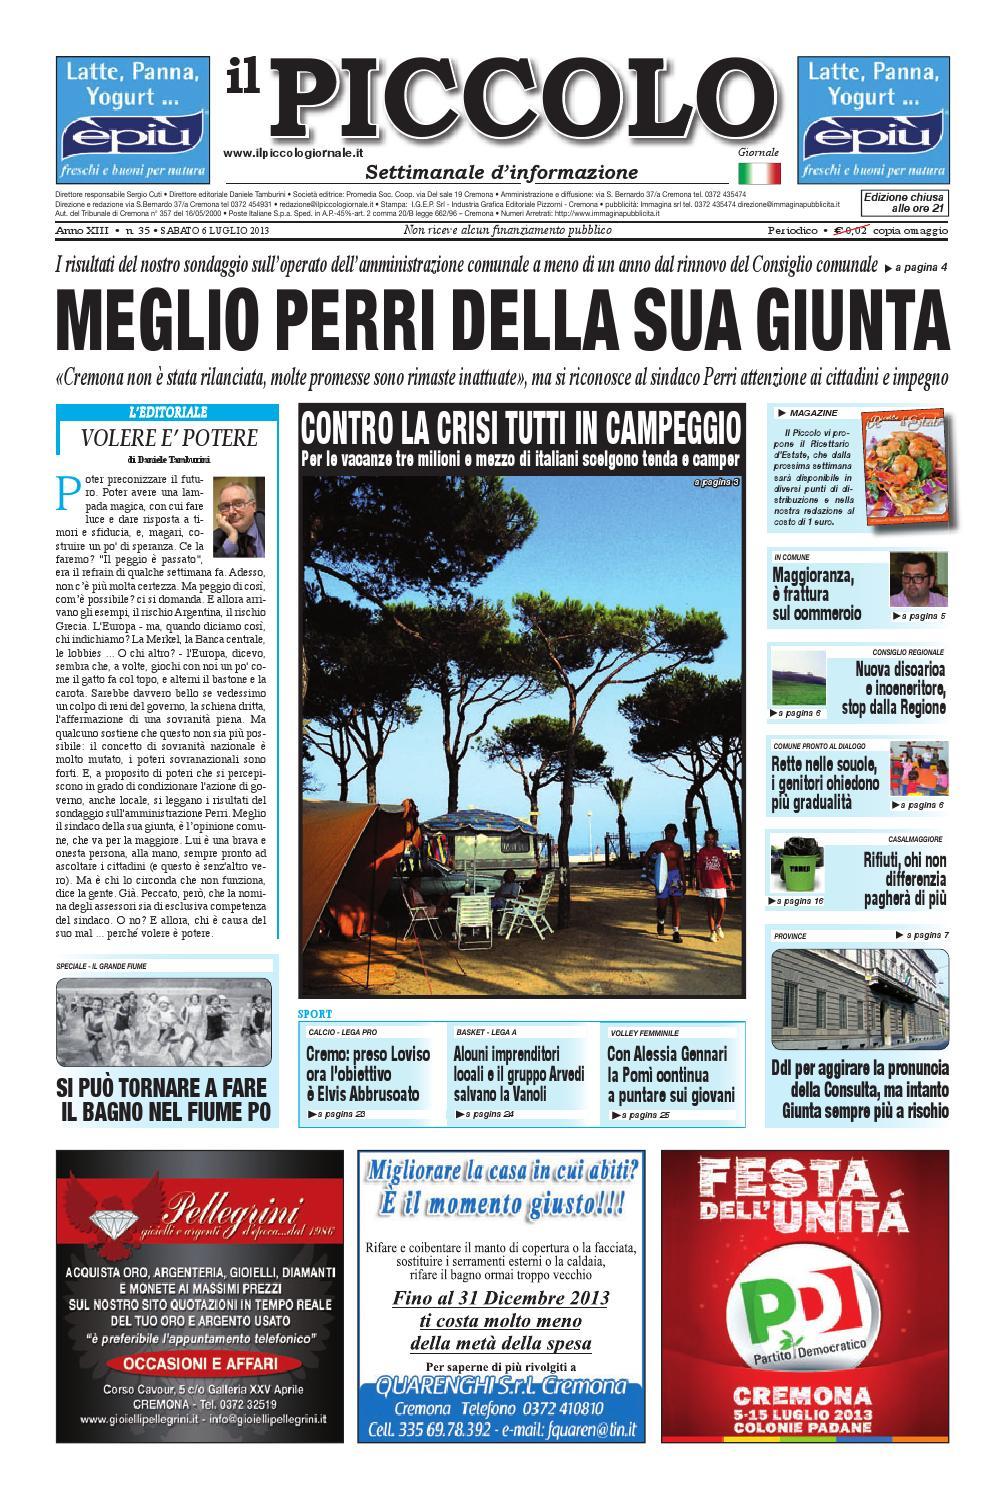 Il Piccolo Giornale del 6 luglio 2013 by promedia promedia - issuu